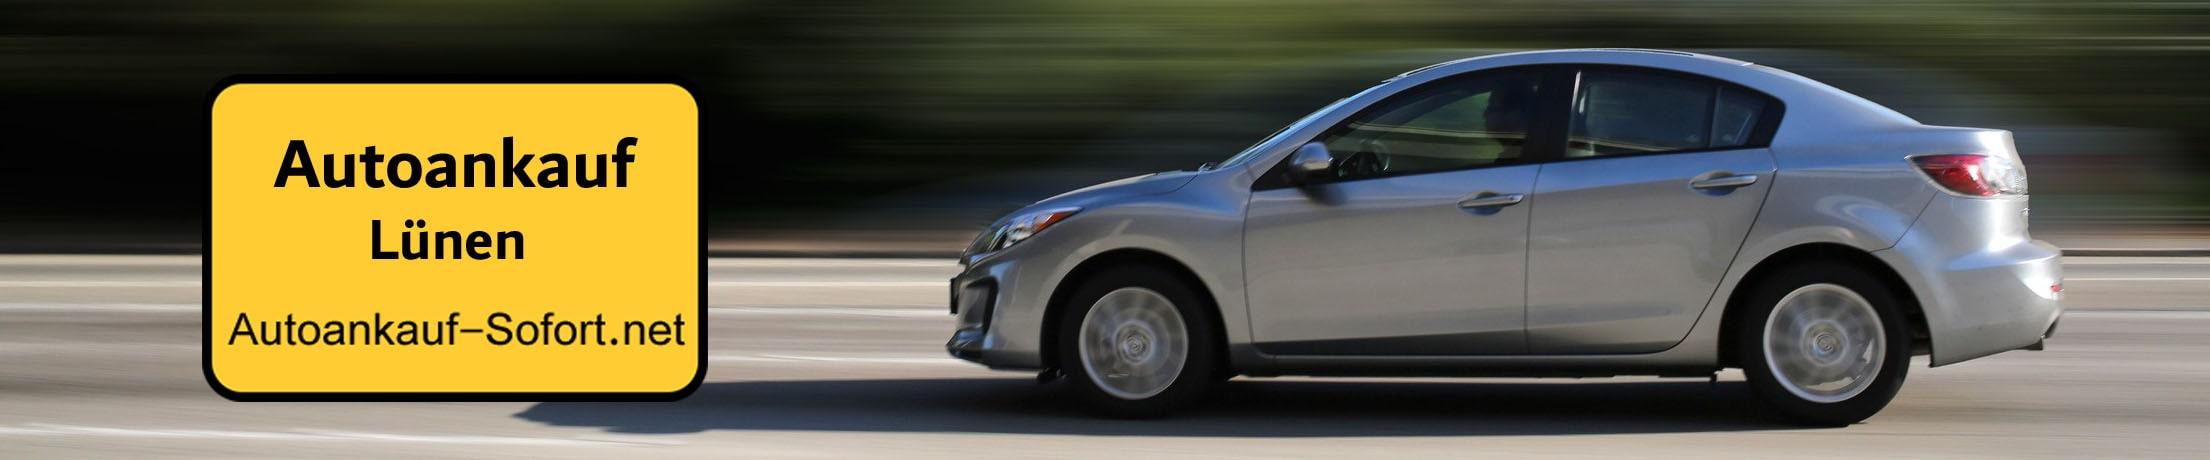 Auto Ankauf Lünen